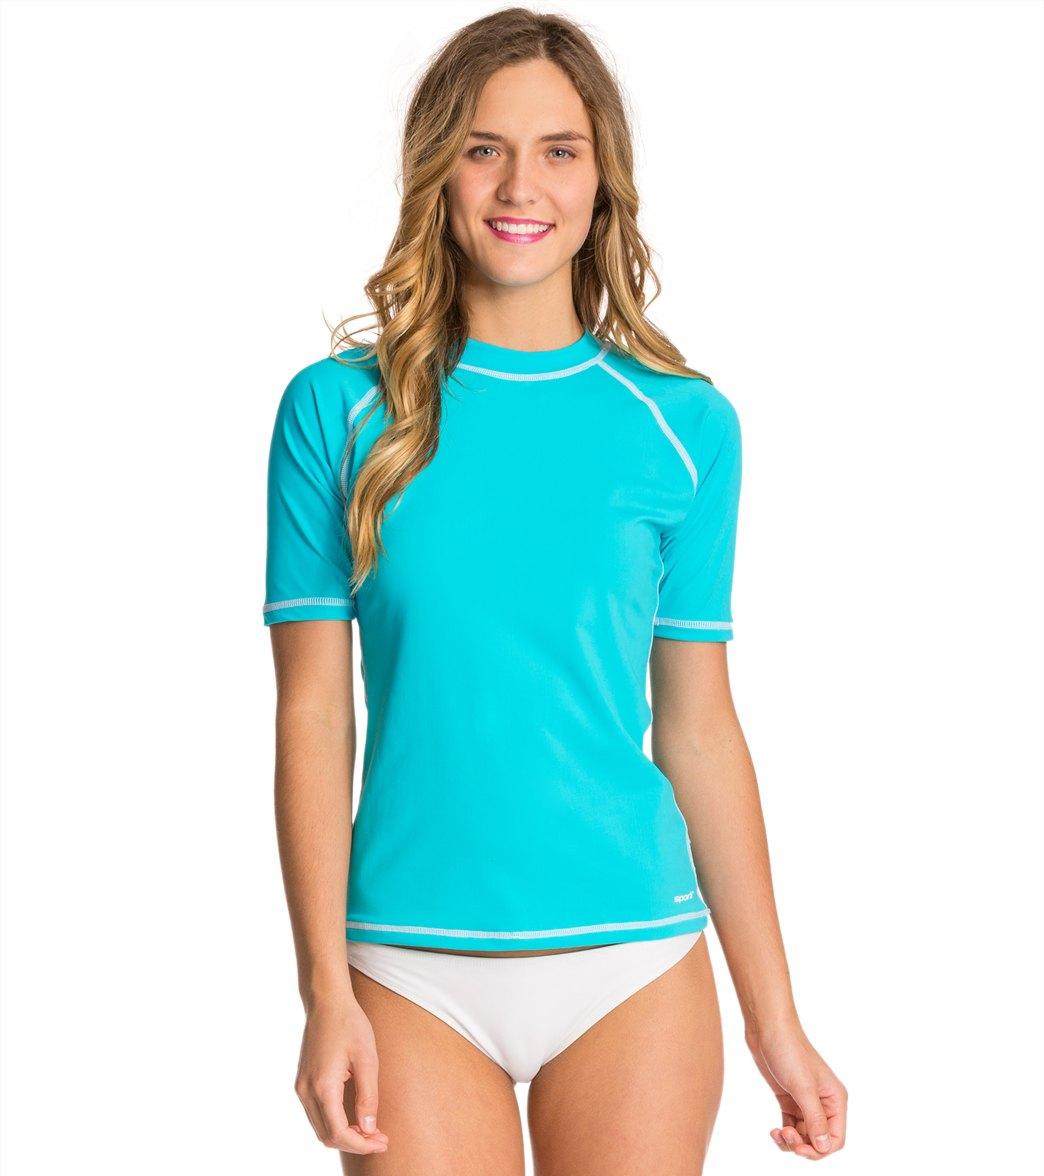 6e77b5f3b85ce Sporti Women's S/S UPF 50+ Swim Shirt at SwimOutlet.com